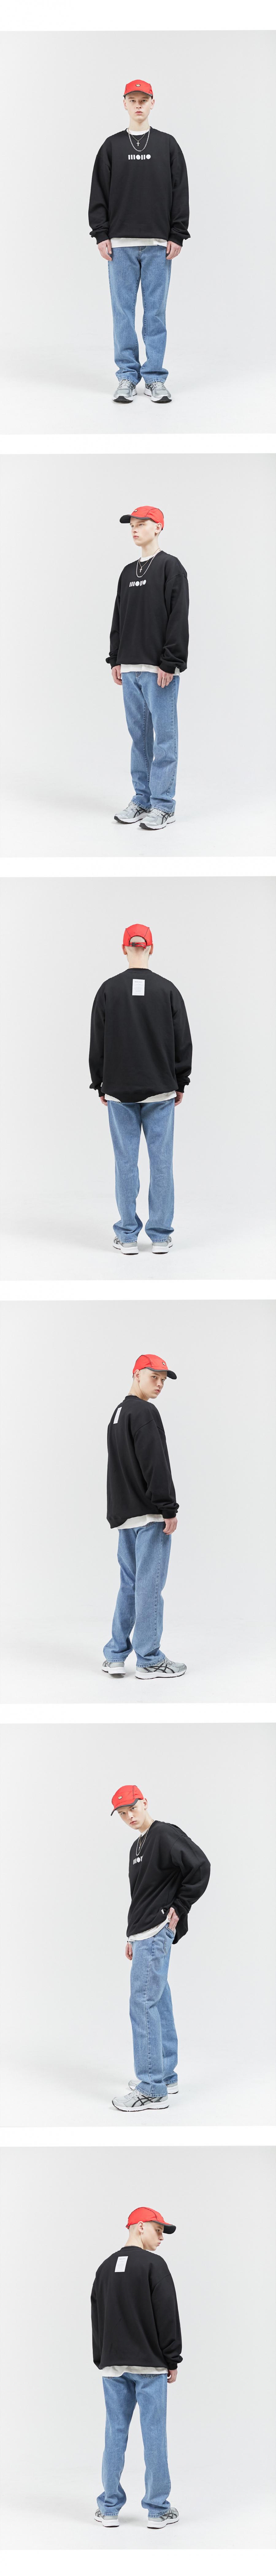 모노라운지(MONOLOUNGE) 모노 바코드 로고 스웻셔츠_그레이